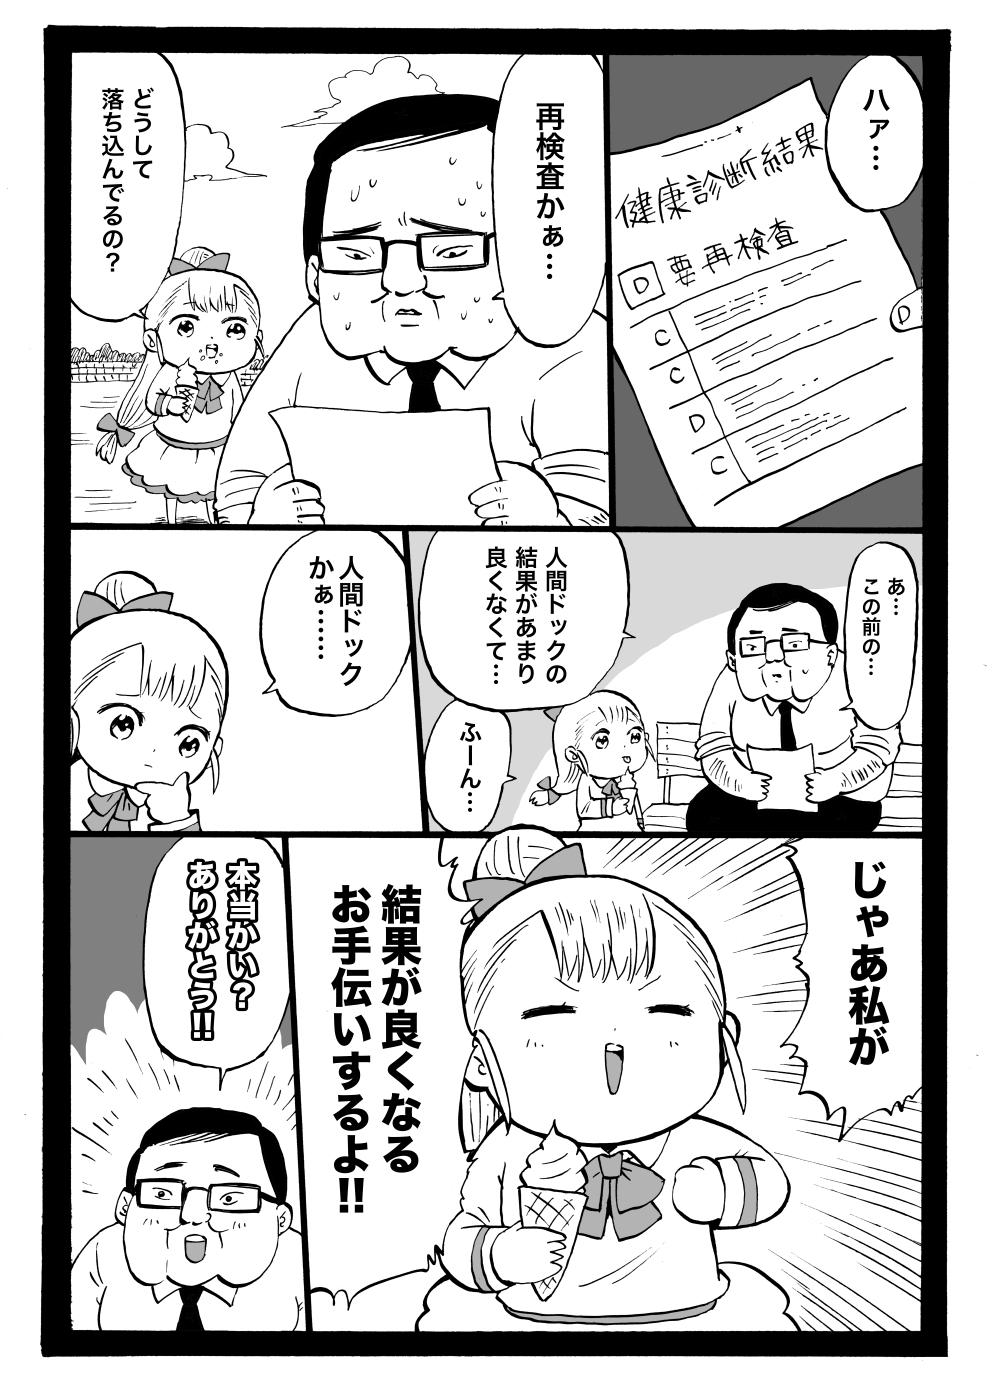 幼女社長(にんげんどっく(単行本収録))